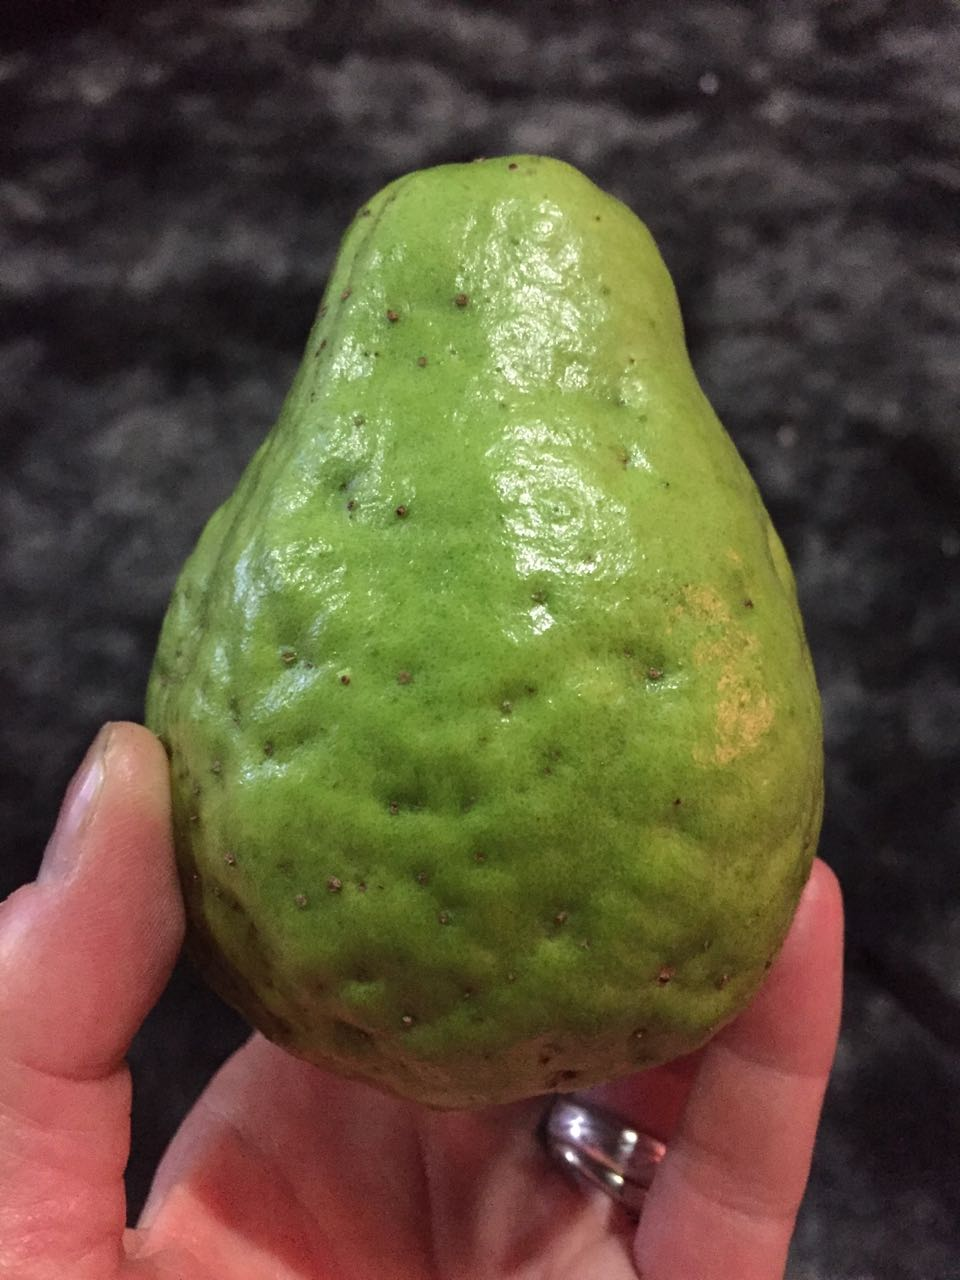 Gigantic guava!